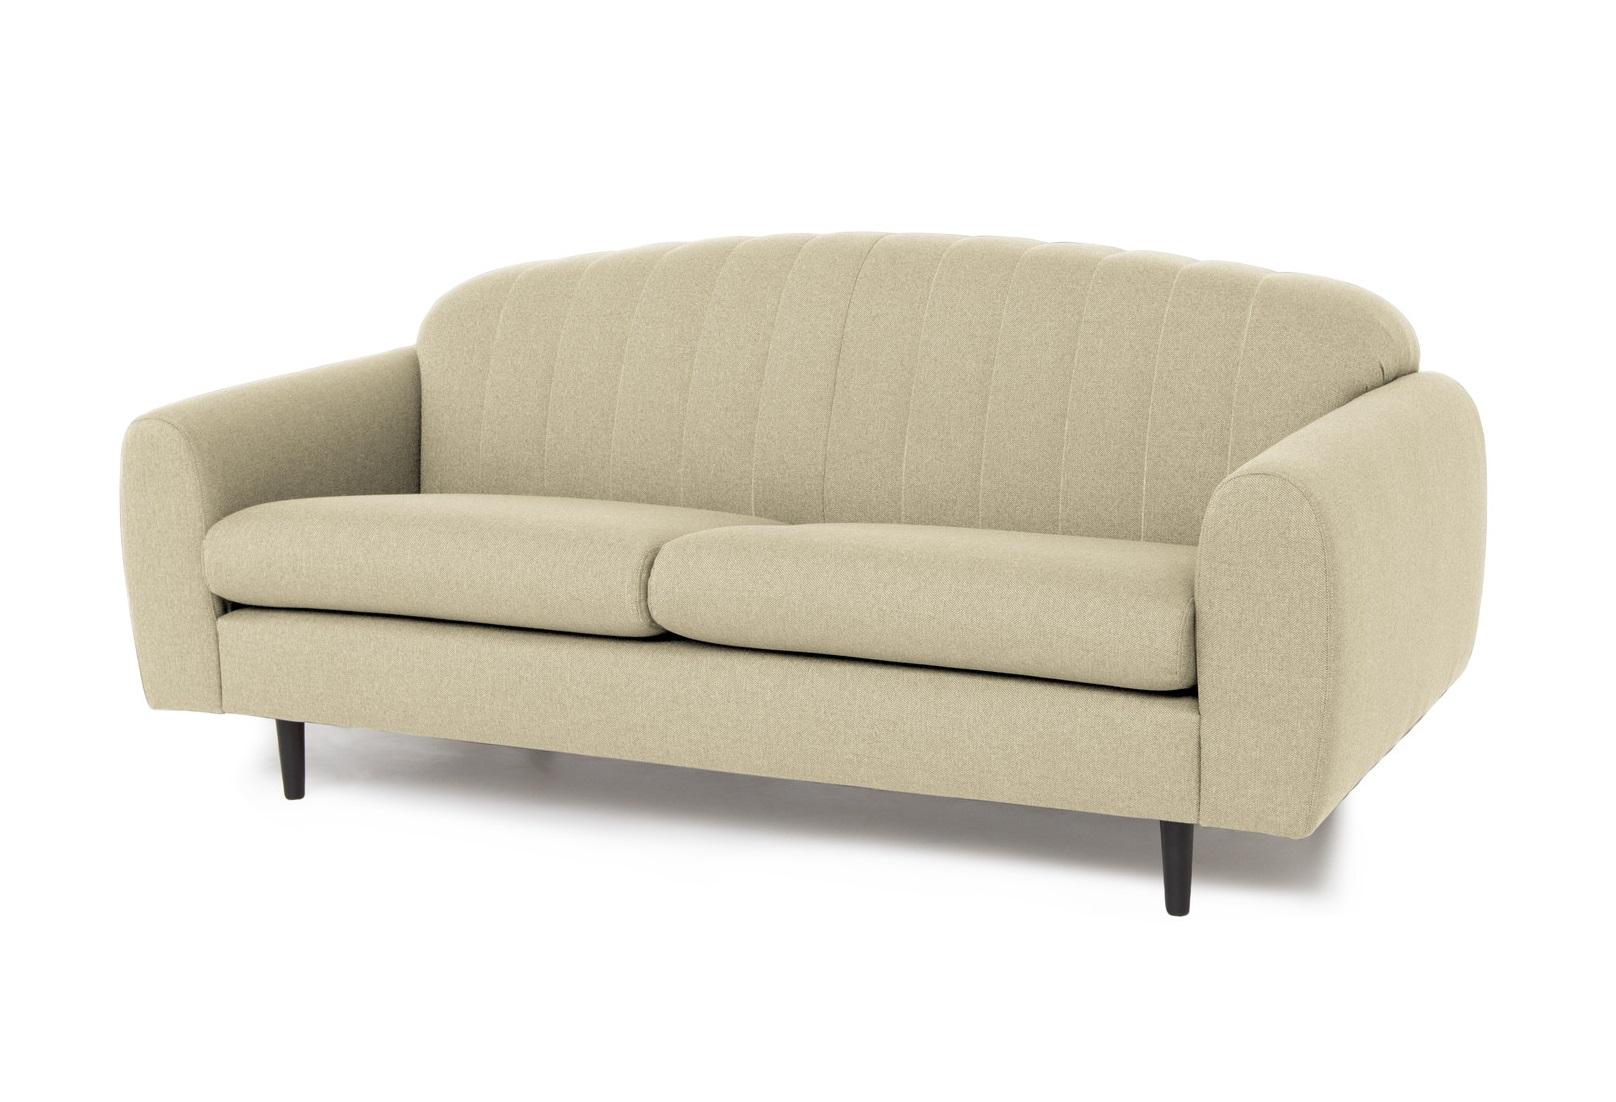 Диван МисенДвухместные диваны<br>Диван Мисен – яркий молодежный диван на высоких деревянных ножках, позволит хорошо отдохнуть.&amp;amp;nbsp;&amp;lt;div&amp;gt;&amp;lt;br&amp;gt;&amp;lt;/div&amp;gt;&amp;lt;div&amp;gt;Не разбирается.&amp;amp;nbsp;&amp;lt;/div&amp;gt;&amp;lt;div&amp;gt;Каркас (комбинации дерева, фанеры и ЛДСП). Для сидячих подушек используют пену различной плотности, а также перо и силиконовое волокно.&amp;amp;nbsp;&amp;lt;/div&amp;gt;&amp;lt;div&amp;gt;Для задних подушек есть пять видов наполнения: пена, измельченая пена, пена высокой эластичности, силиконовые волокно.&amp;amp;nbsp;&amp;lt;/div&amp;gt;&amp;lt;div&amp;gt;Материал обивки:  Lindt 14 latte.&amp;amp;nbsp;&amp;lt;/div&amp;gt;<br><br>Material: Текстиль<br>Ширина см: 190<br>Высота см: 81<br>Глубина см: 93